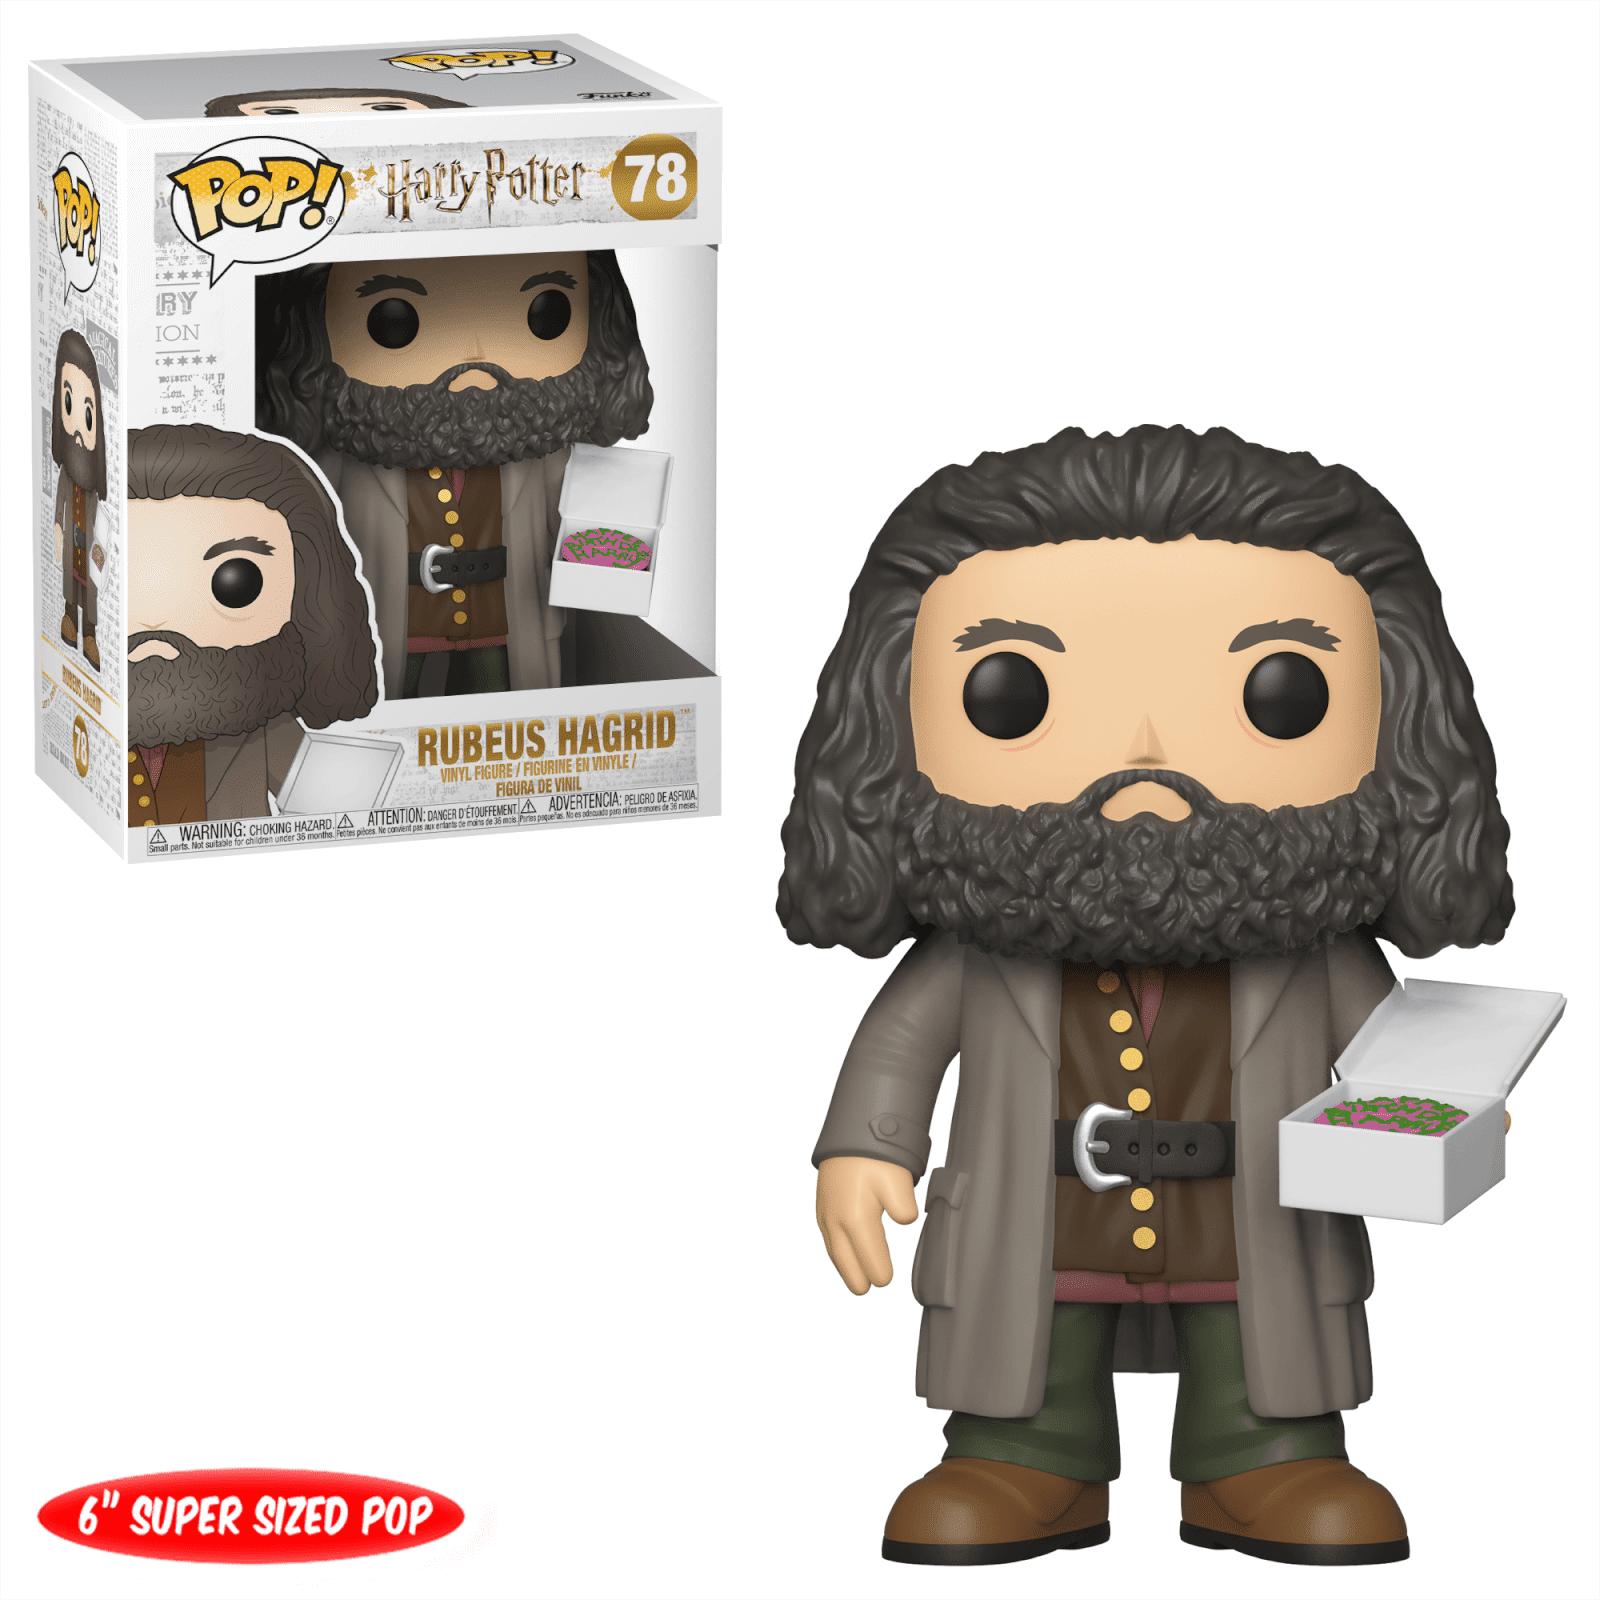 Pop! Vinyl Figurine Pop! Hagrid avec Gateau - 15 cm - Harry Potter